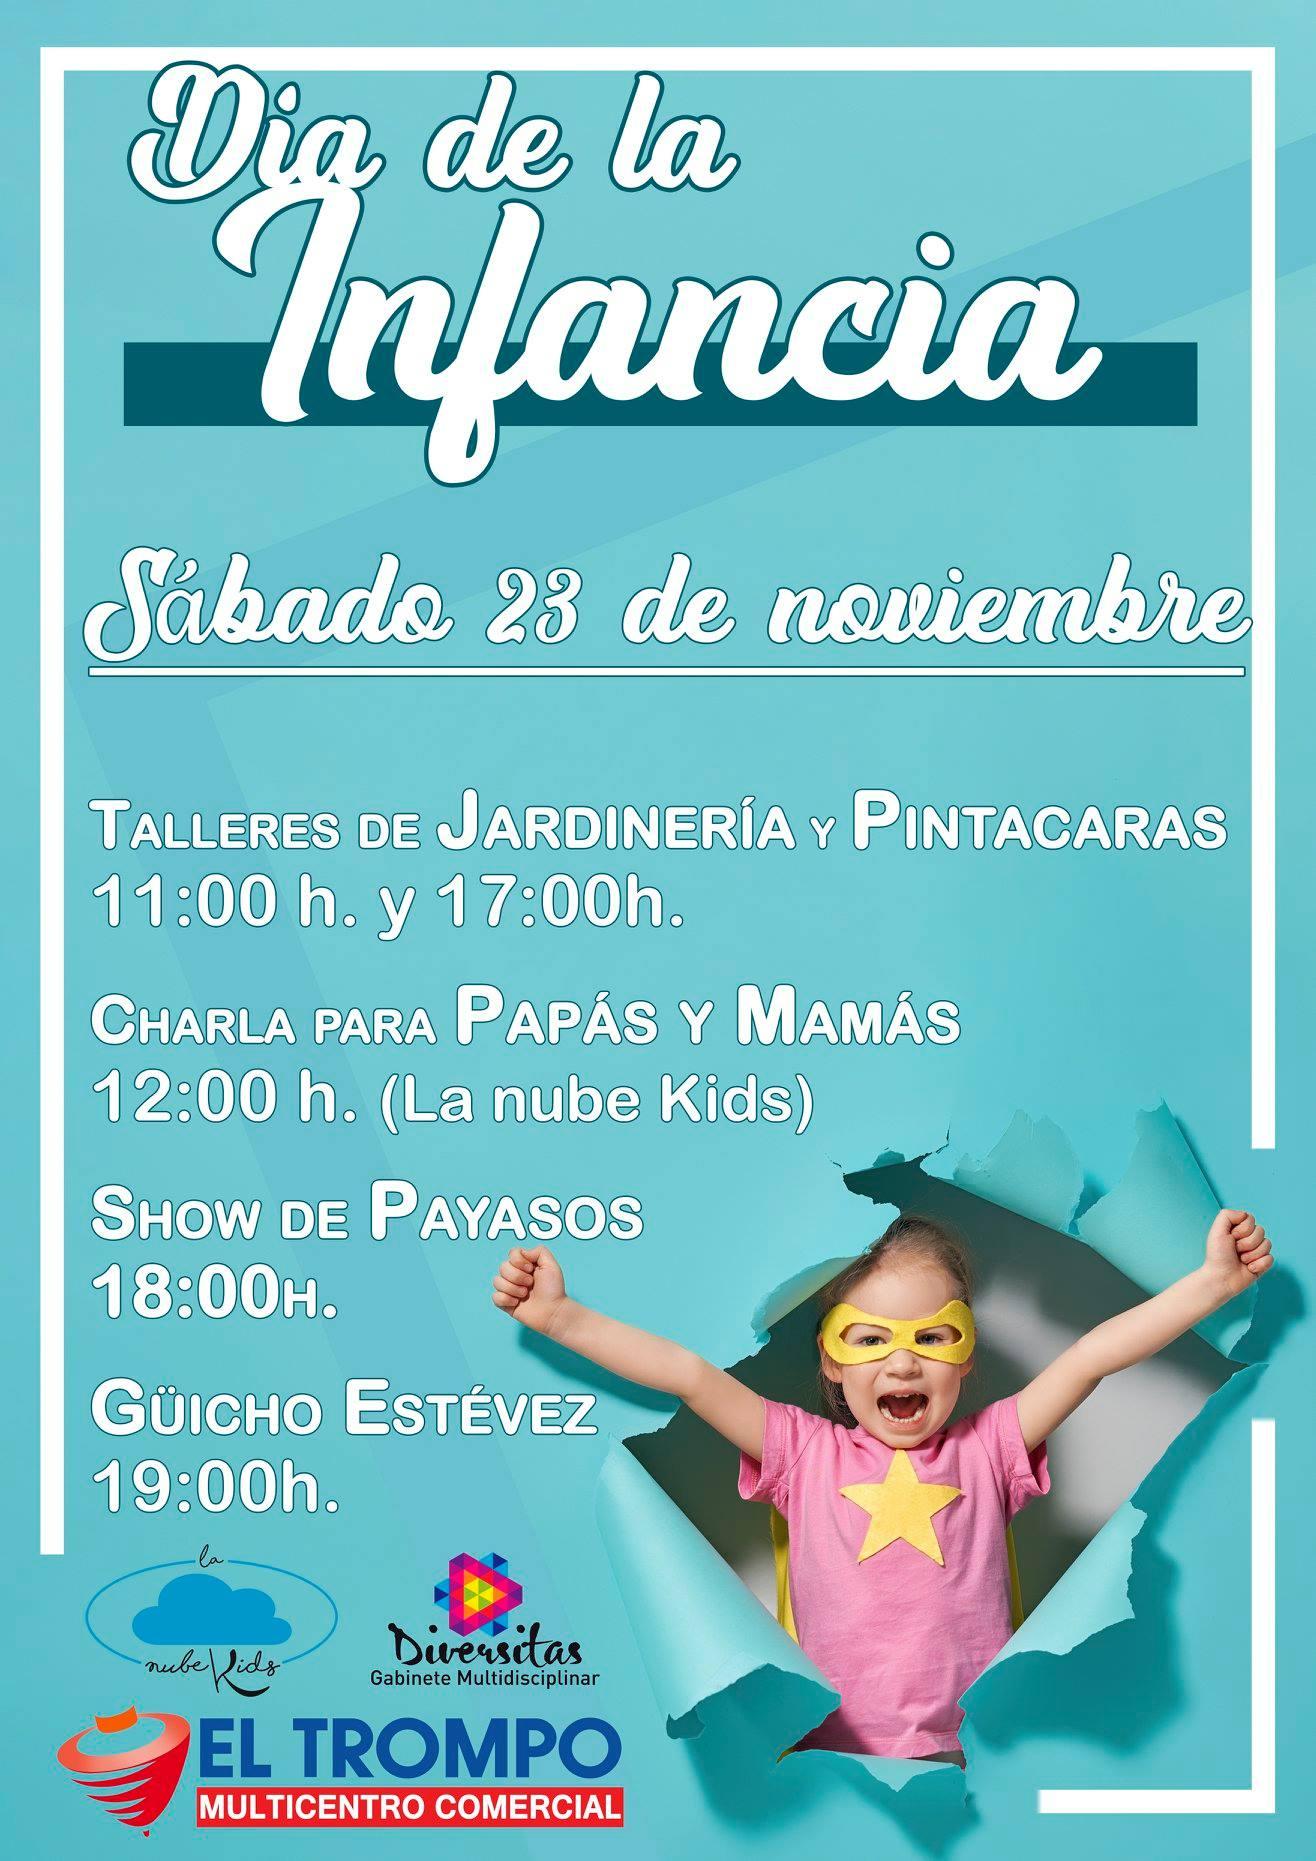 Día de la Infancia (23 de noviembre)